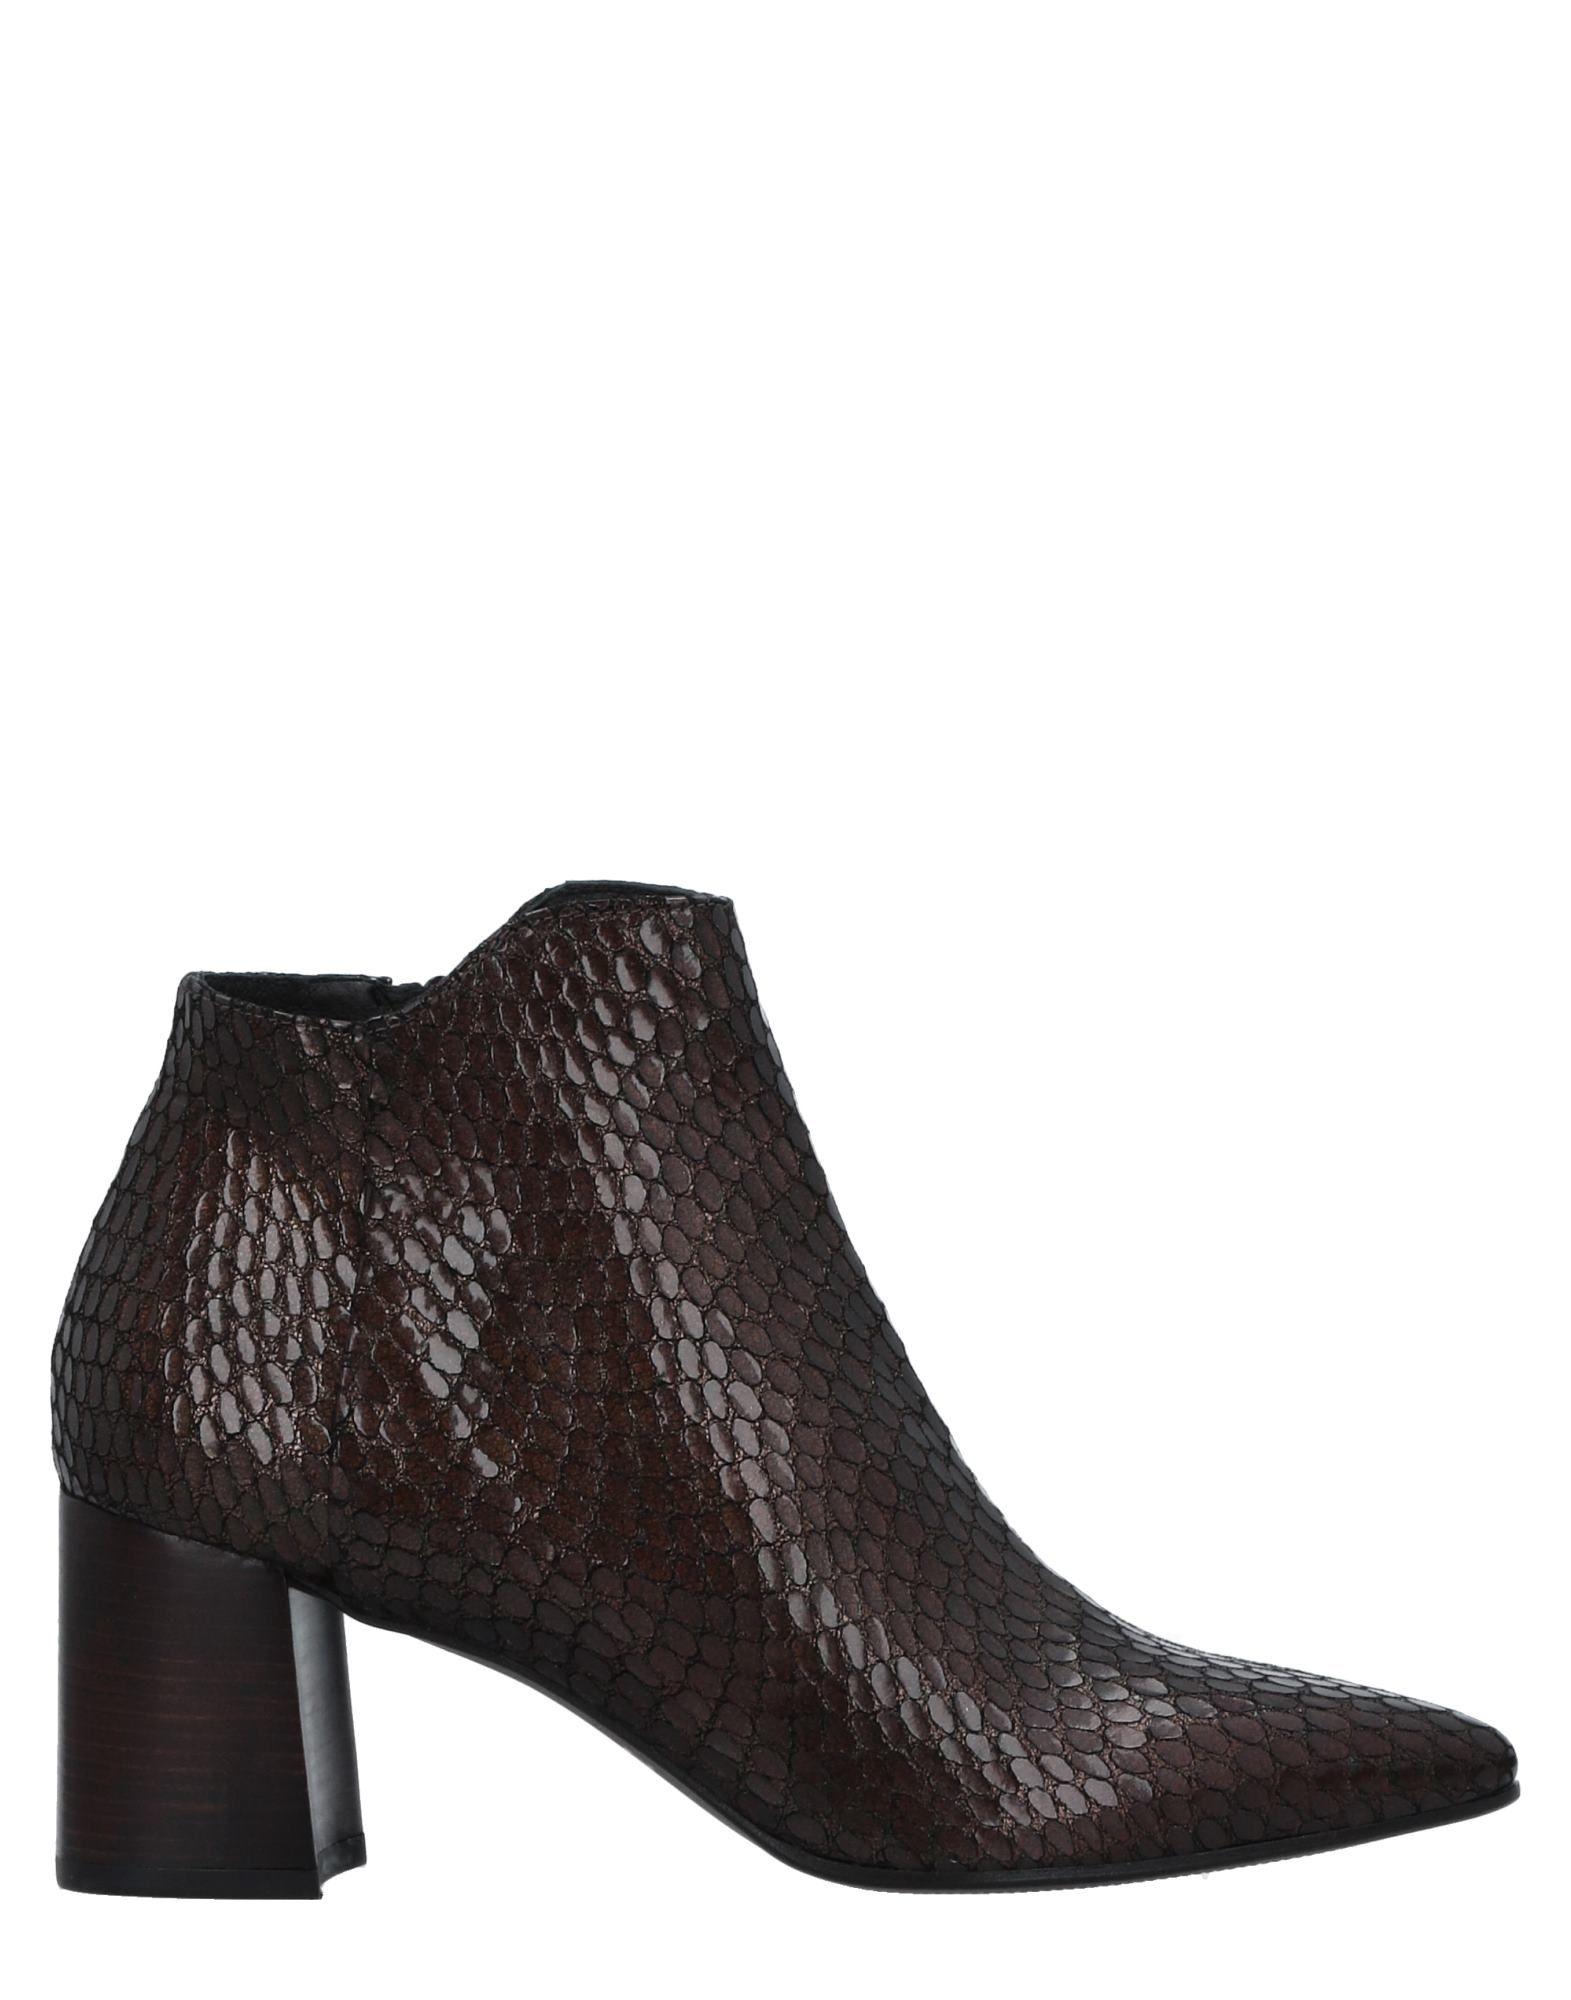 Zinda Stiefelette Damen  11518140WT Gute Qualität beliebte Schuhe